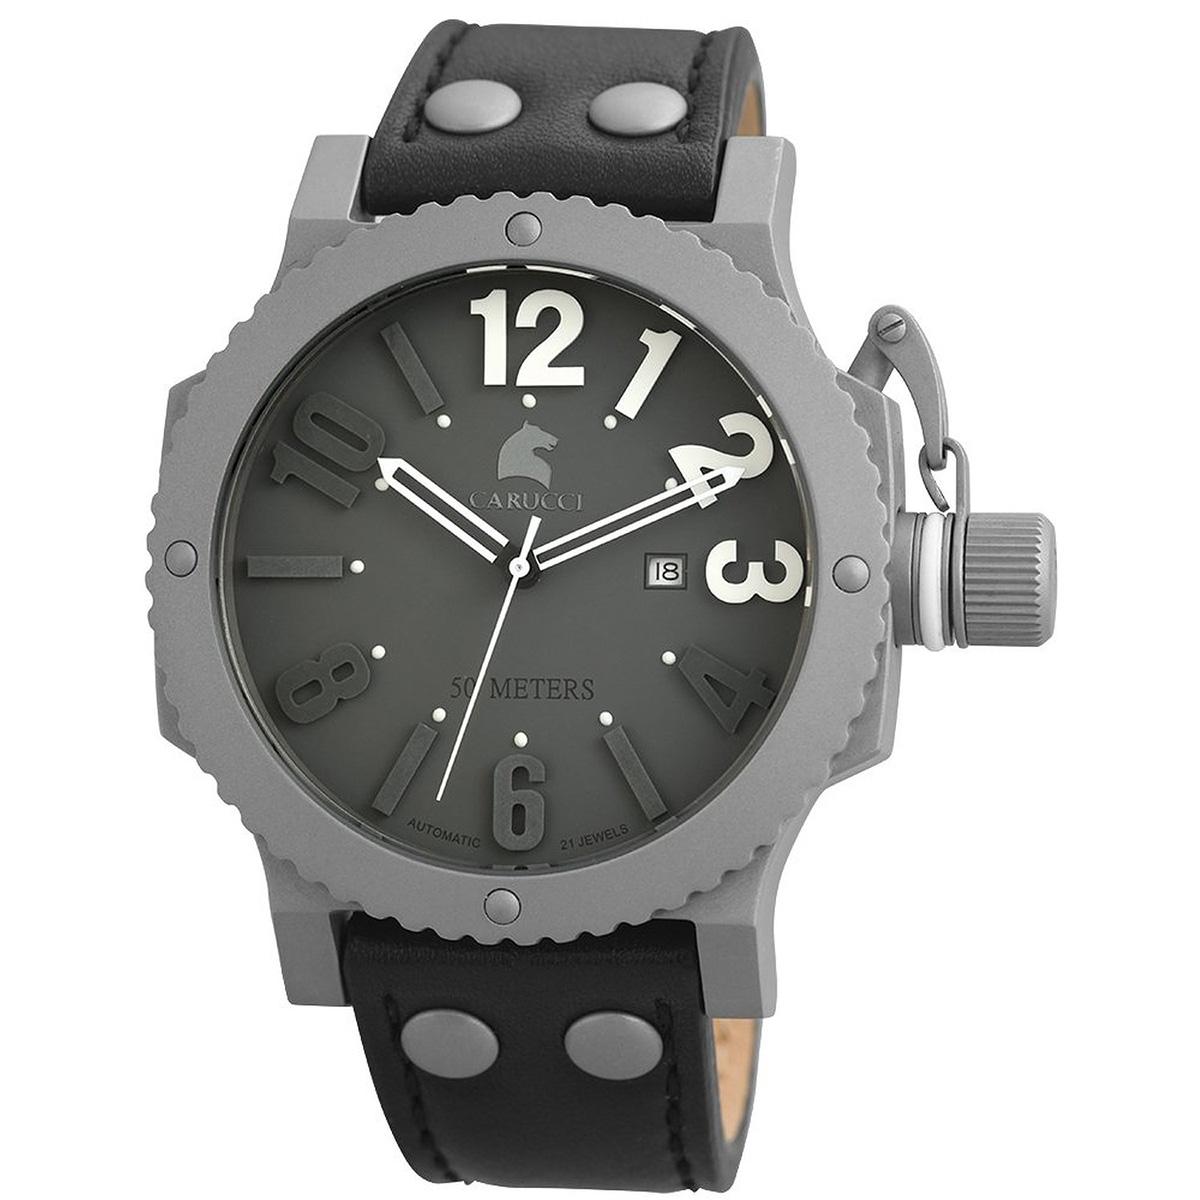 【残り1点】Carucci カルッチ 自動巻き 腕時計 メンズ [CA2211GR-BK] 並行輸入品 メーカー国際保証24ヵ月 純正ケース付き